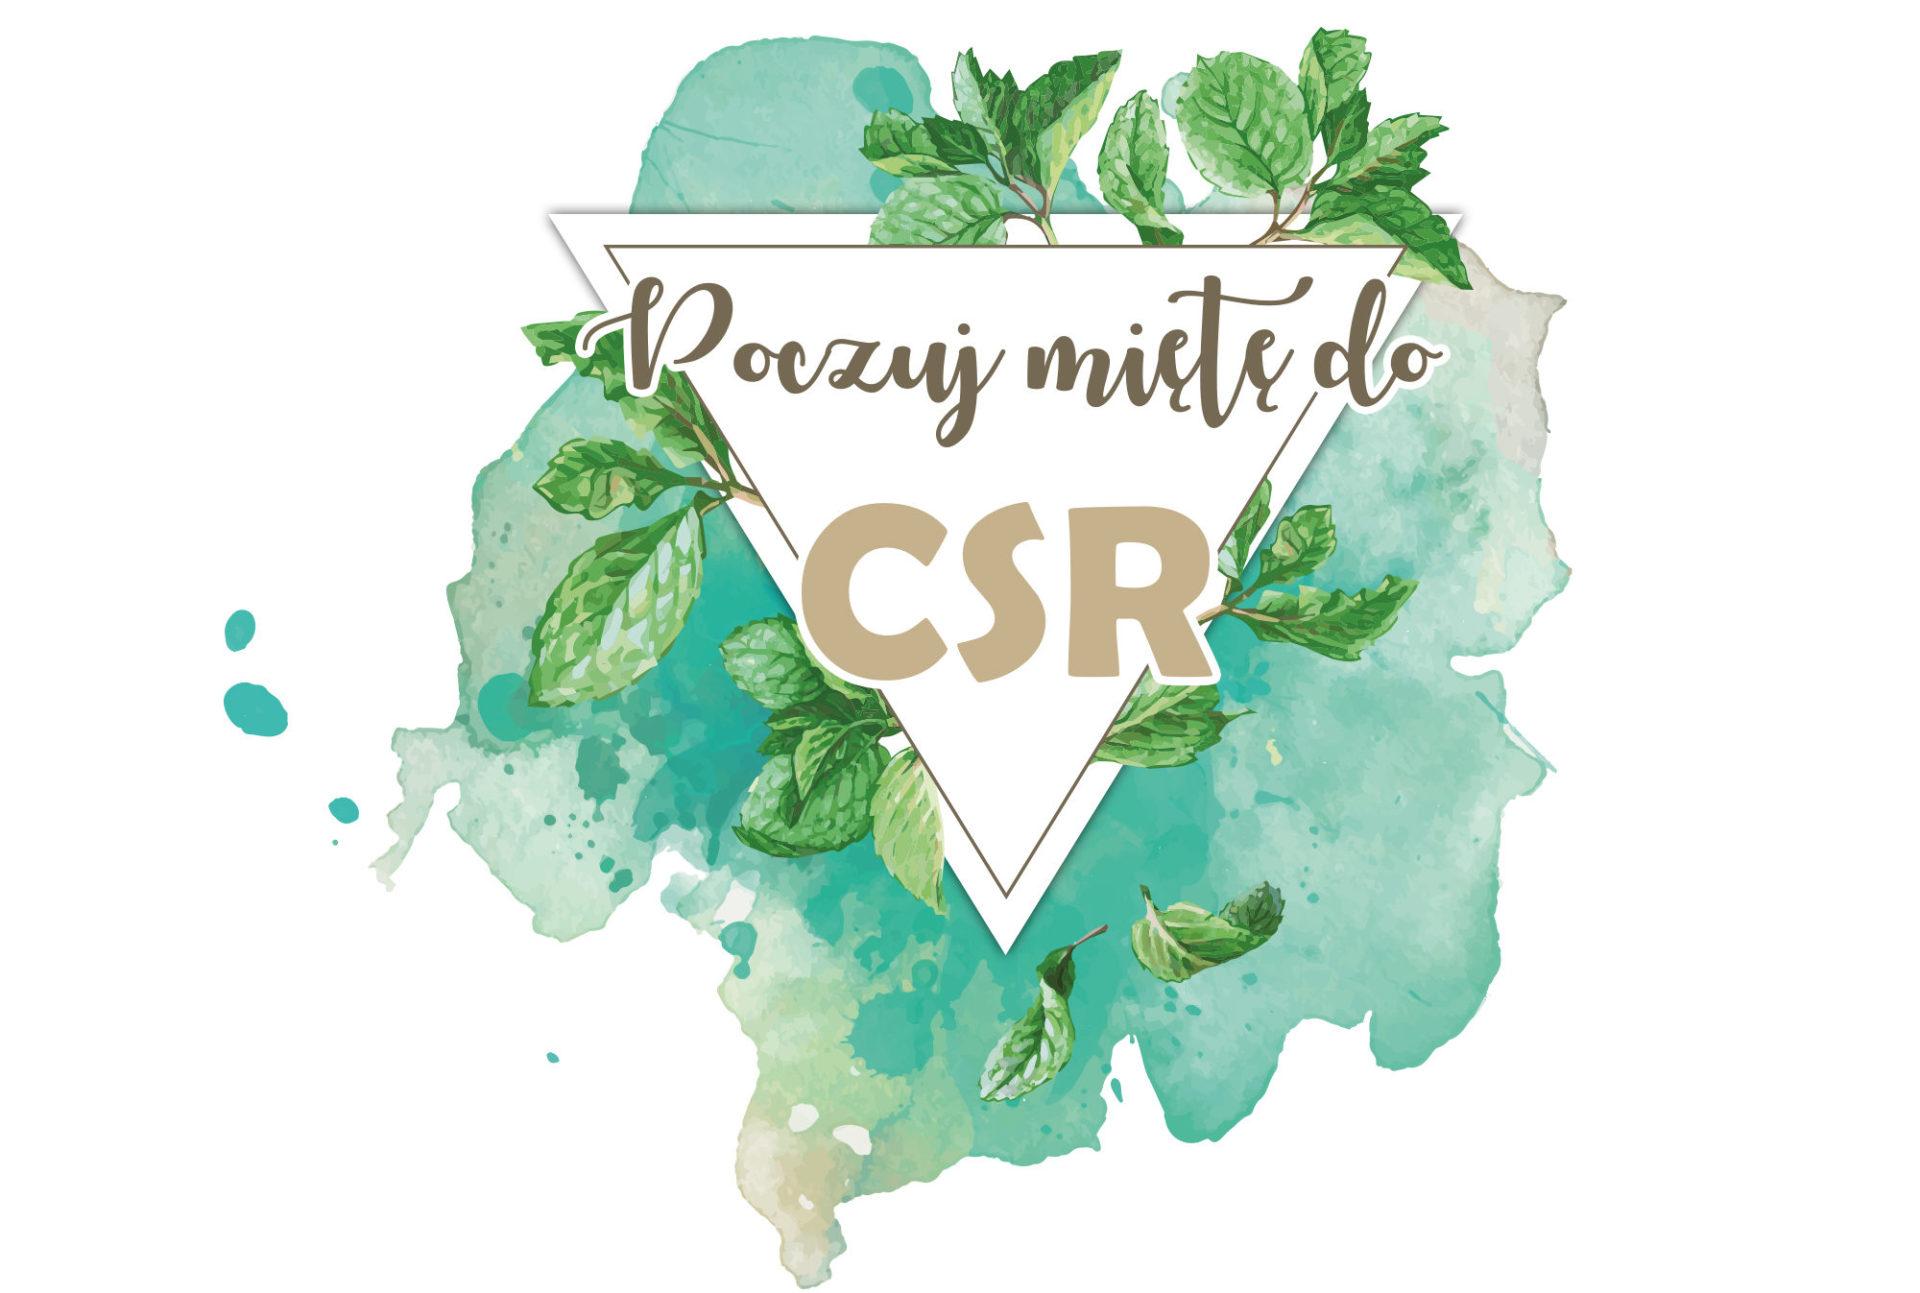 Poczuj miętę do CSR